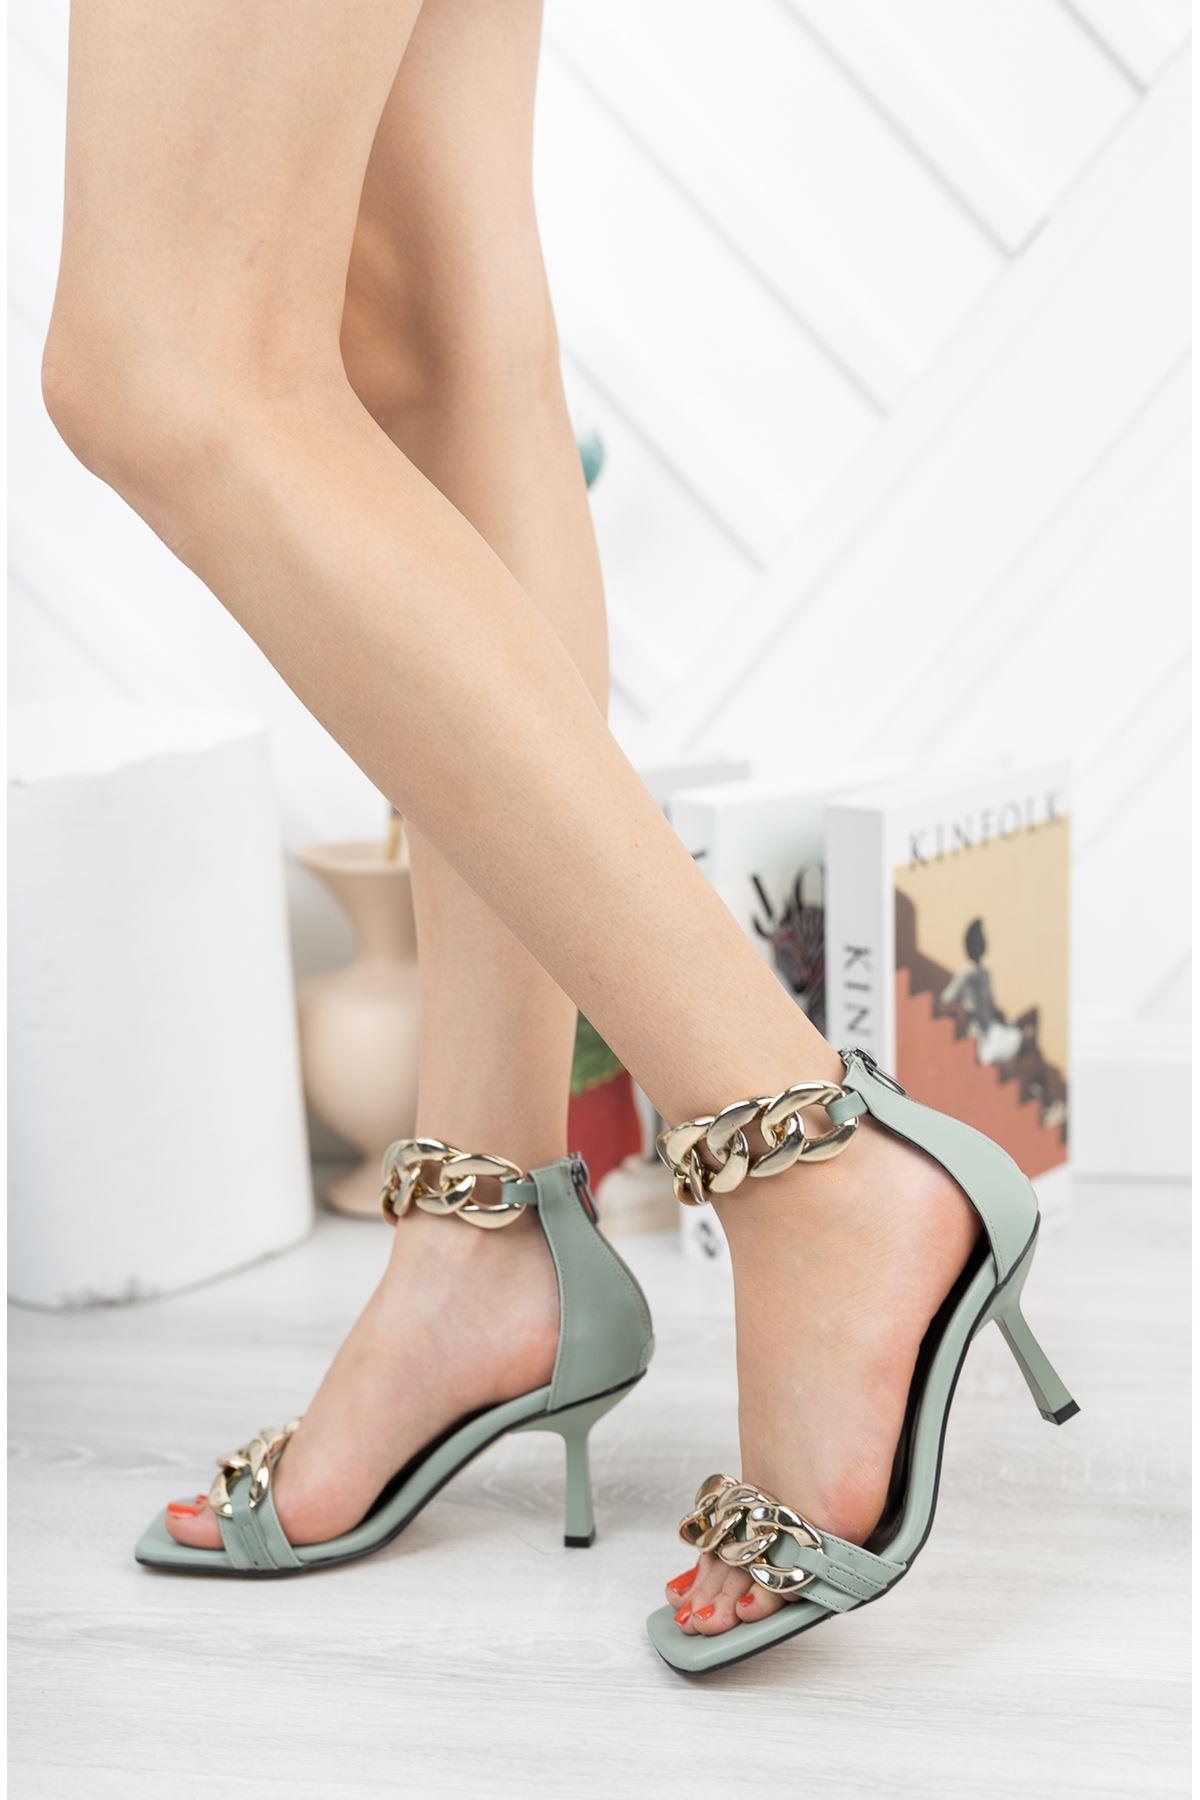 Mint Yeşili Zincir Detaylı İnce Topuklu Ayakkabı